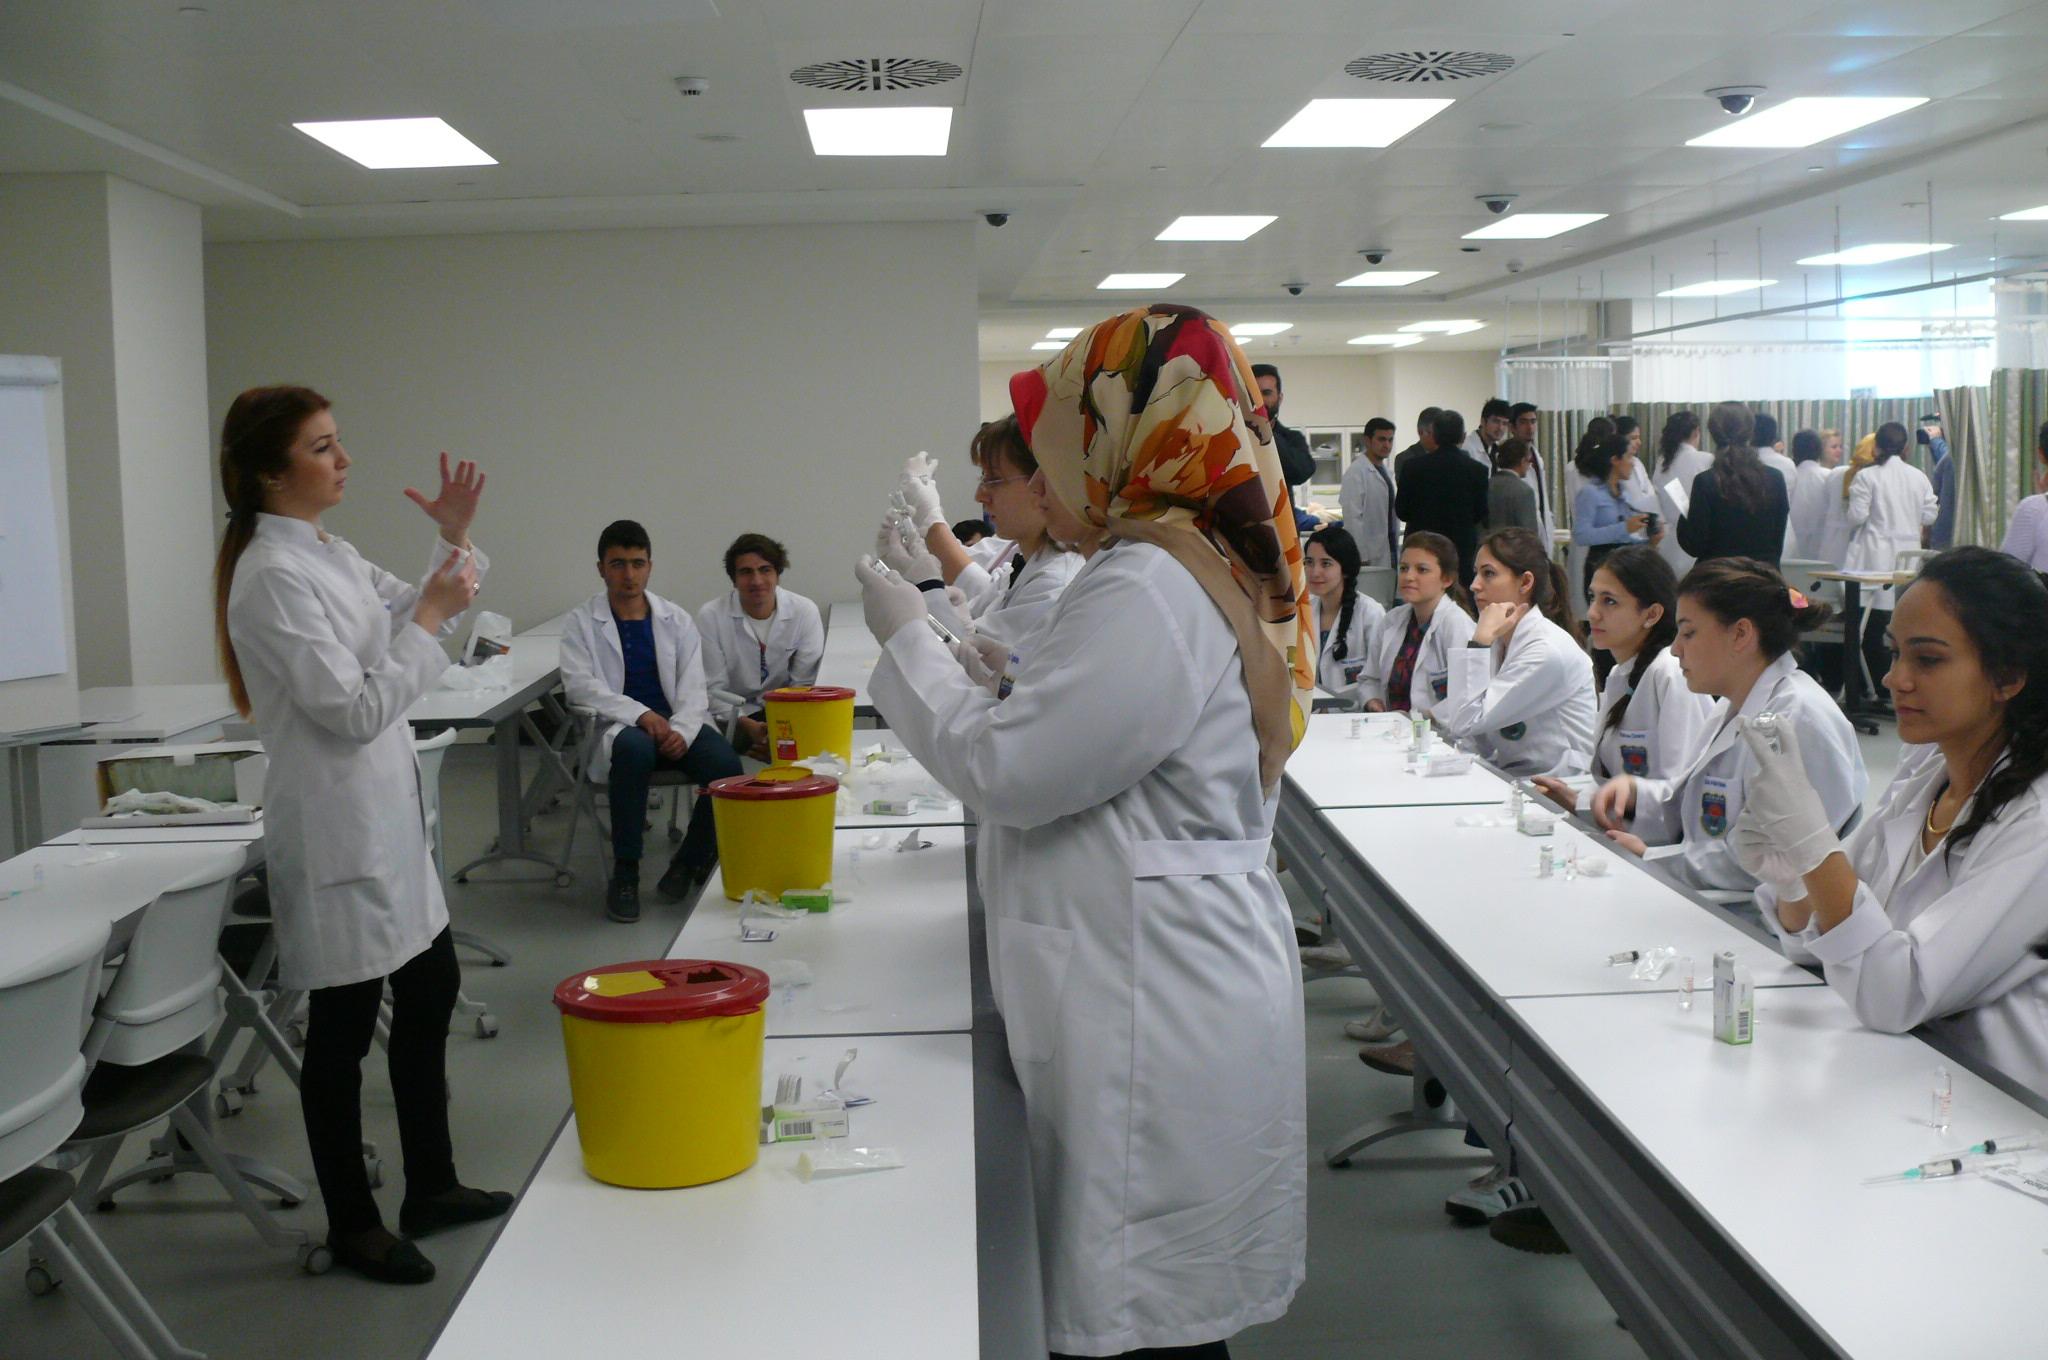 Acıbadem Üniversitesi sağlık eğitiminde çıtayı yükseltti